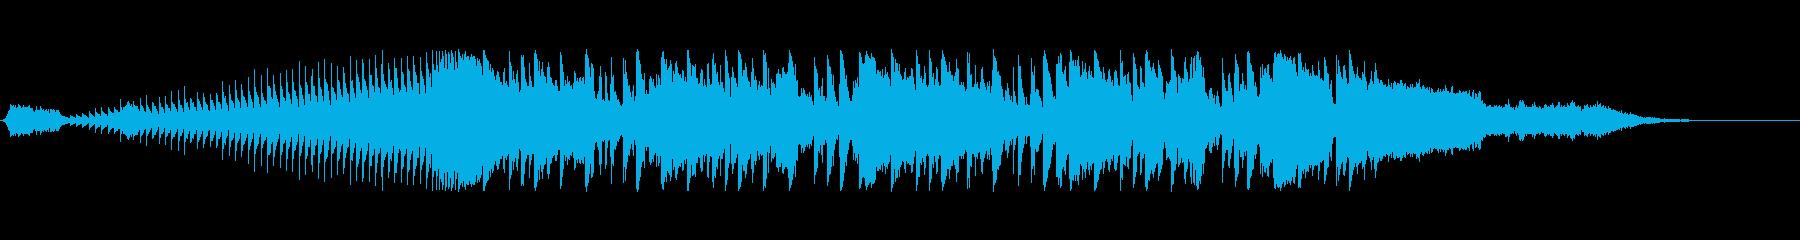 ブリットダンスIDベッドALTミックスの再生済みの波形